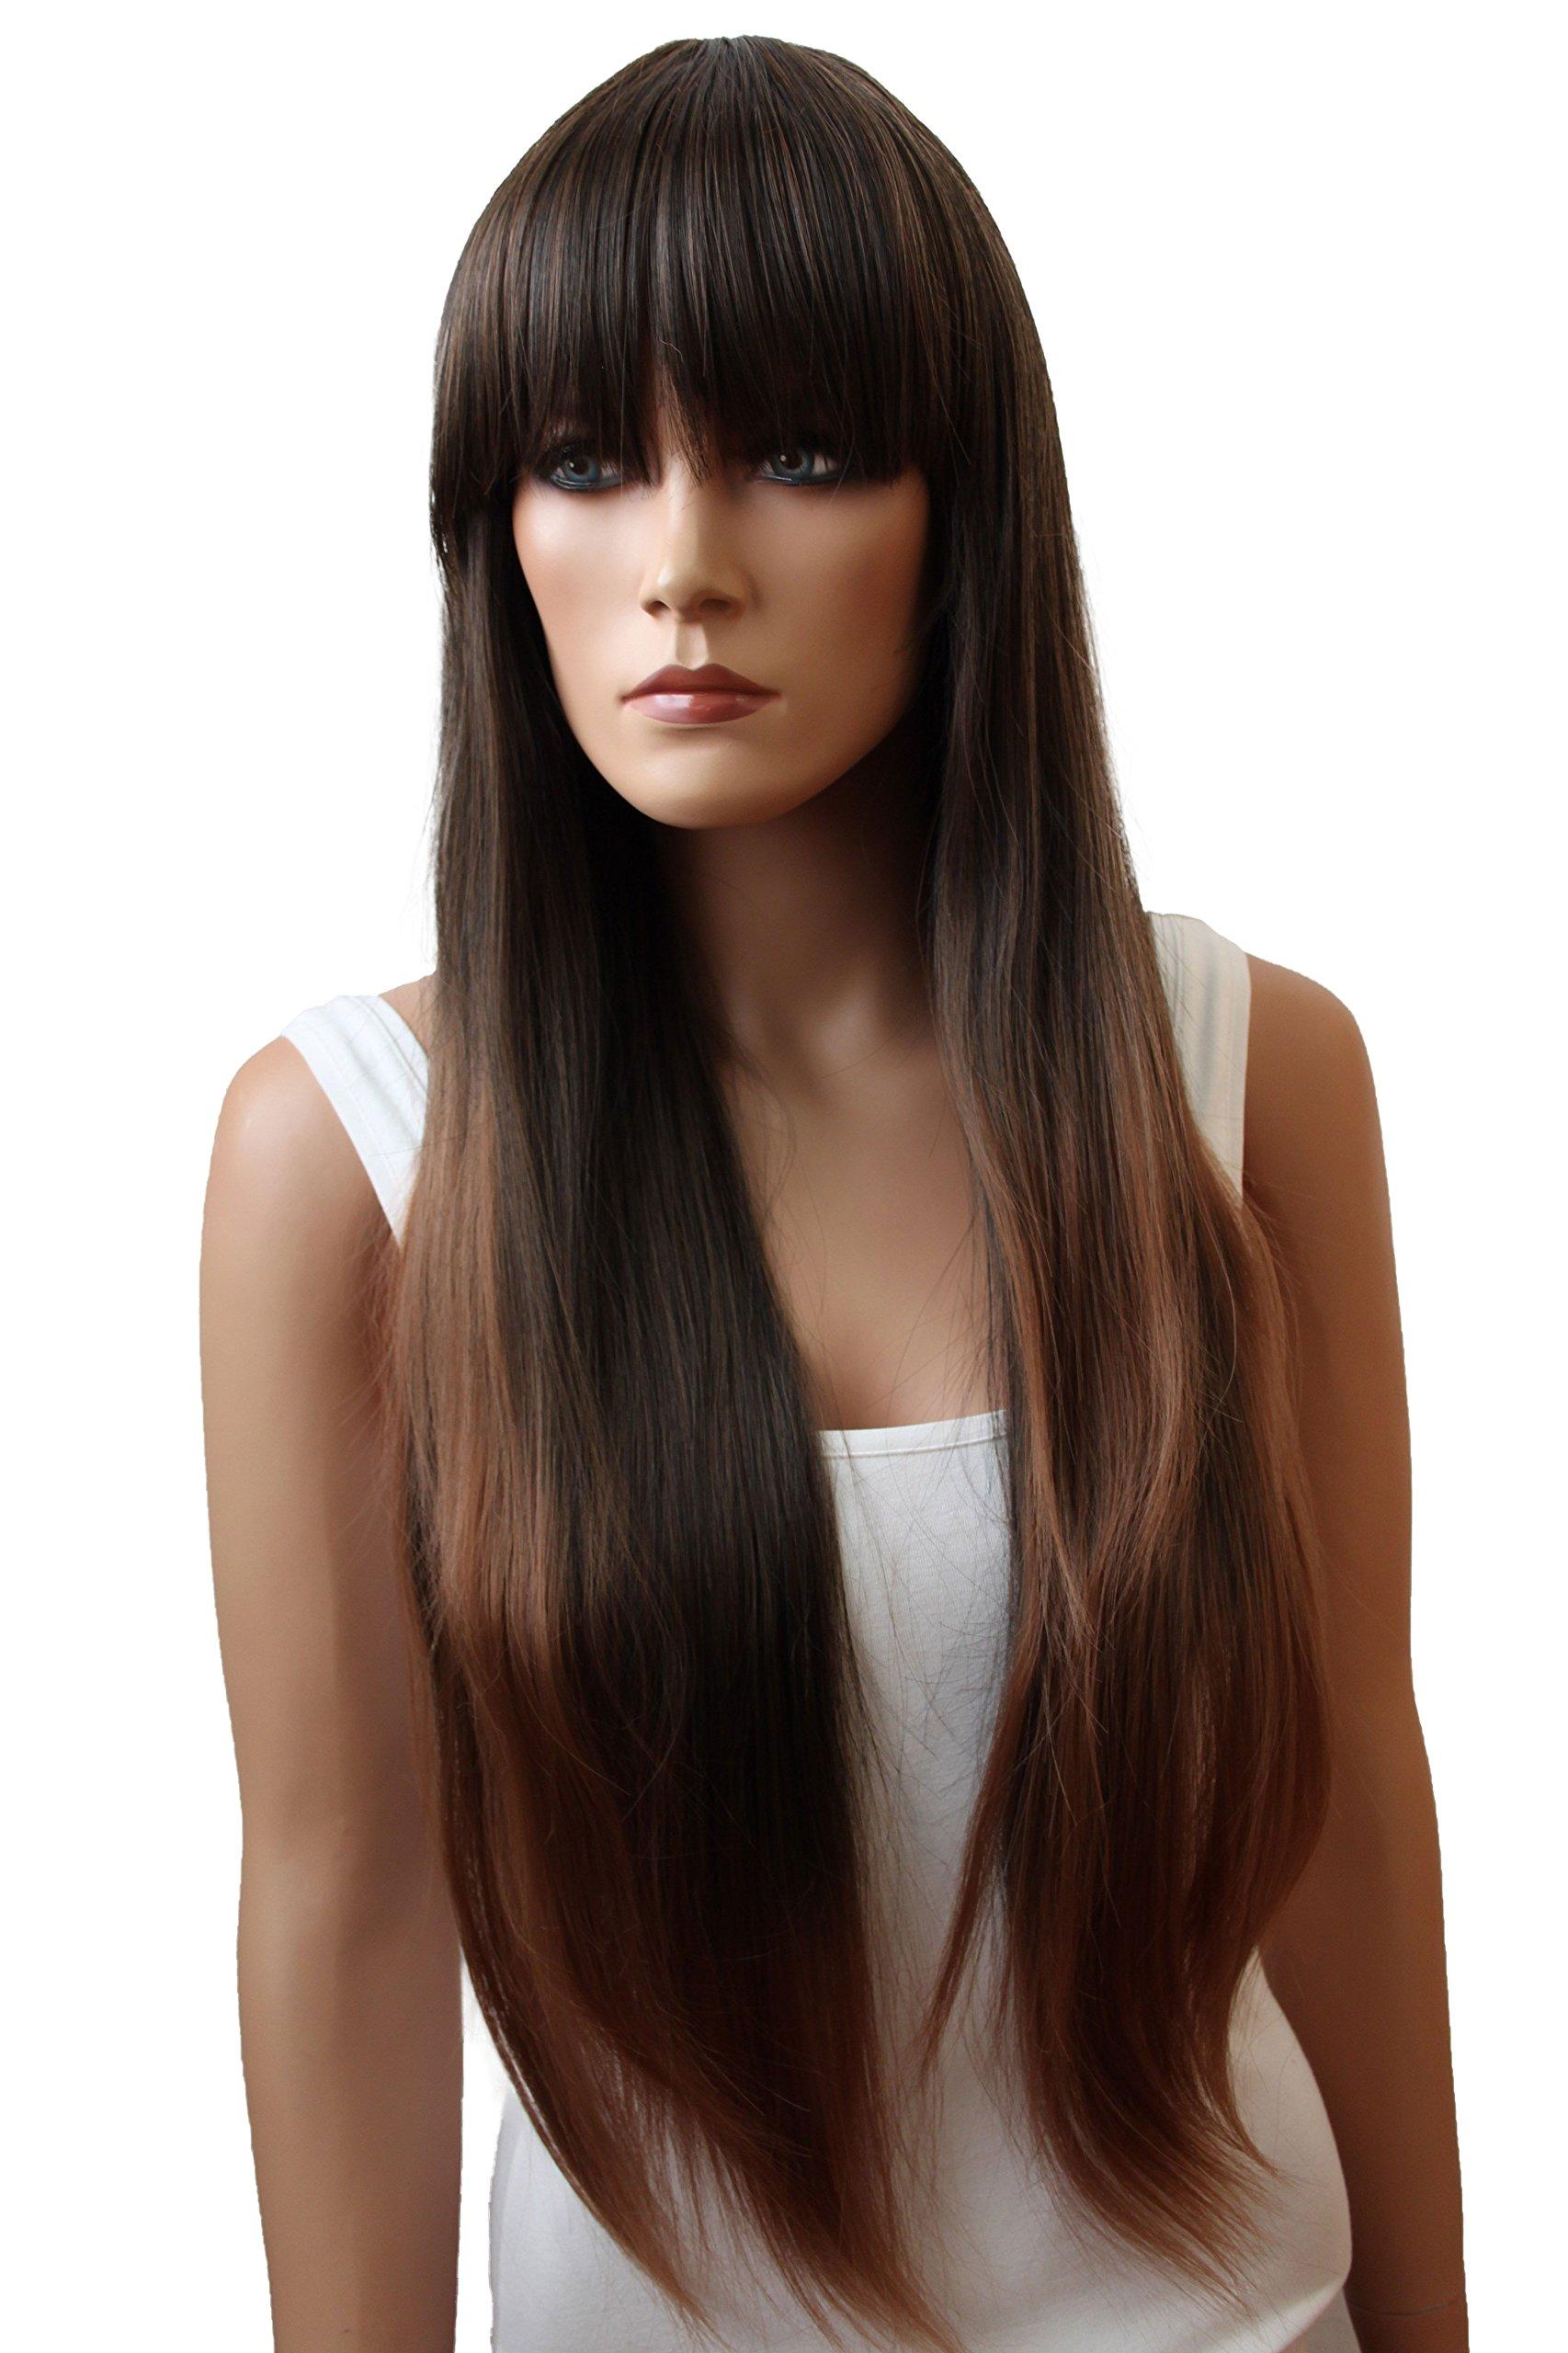 PRETTYSHOP peluca de la peluca pelo largo liso de fibra sintética resistente al calormarrón FZ502f product